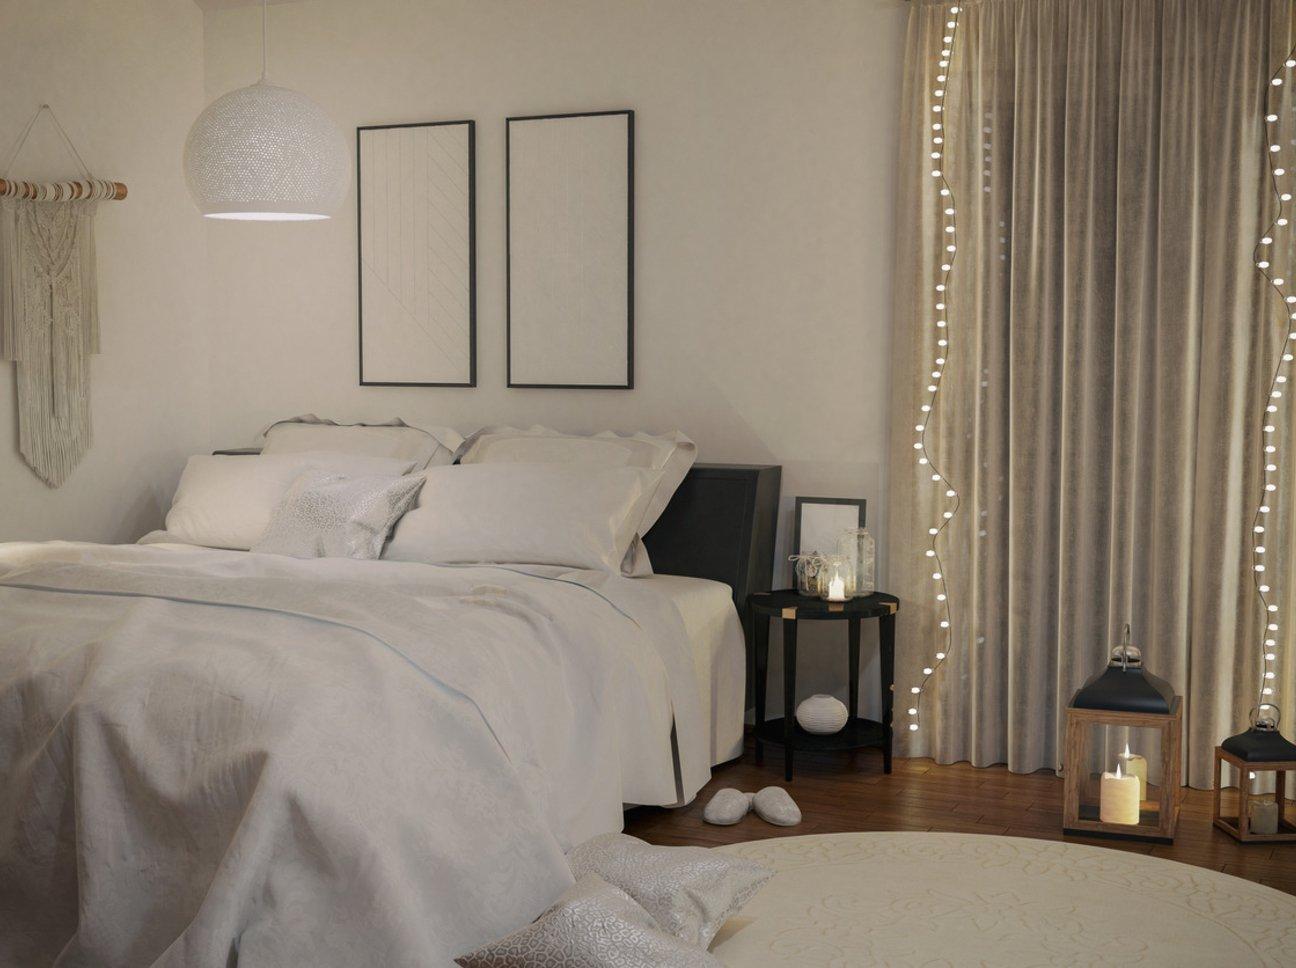 Full Size of Schlafzimmer Wanddeko 10 Schnsten Deko Ideen Deckenlampe Wandleuchte Led Deckenleuchte Schimmel Im Truhe Set Mit Matratze Und Lattenrost Günstige Wohnzimmer Schlafzimmer Wanddeko